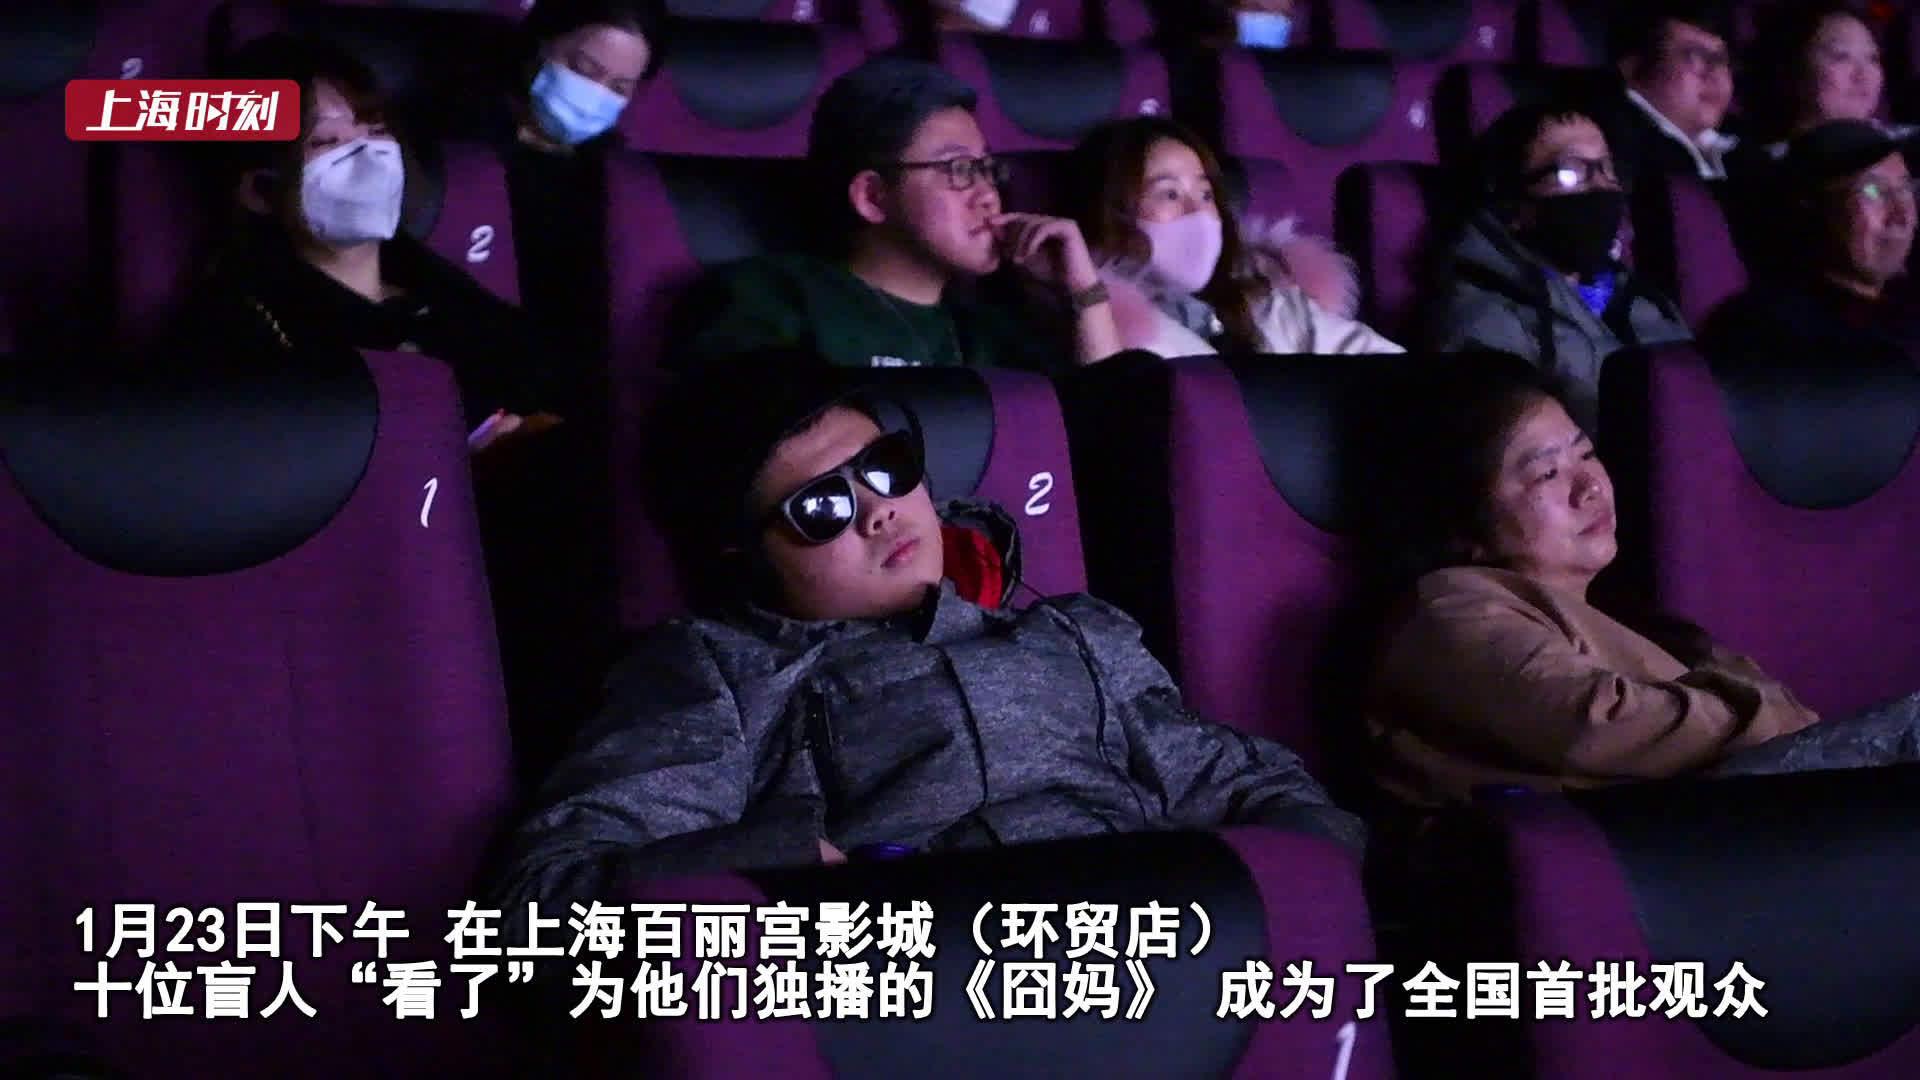 闭眼,听电影!撤档的《囧妈》,为10位盲人独播了一场